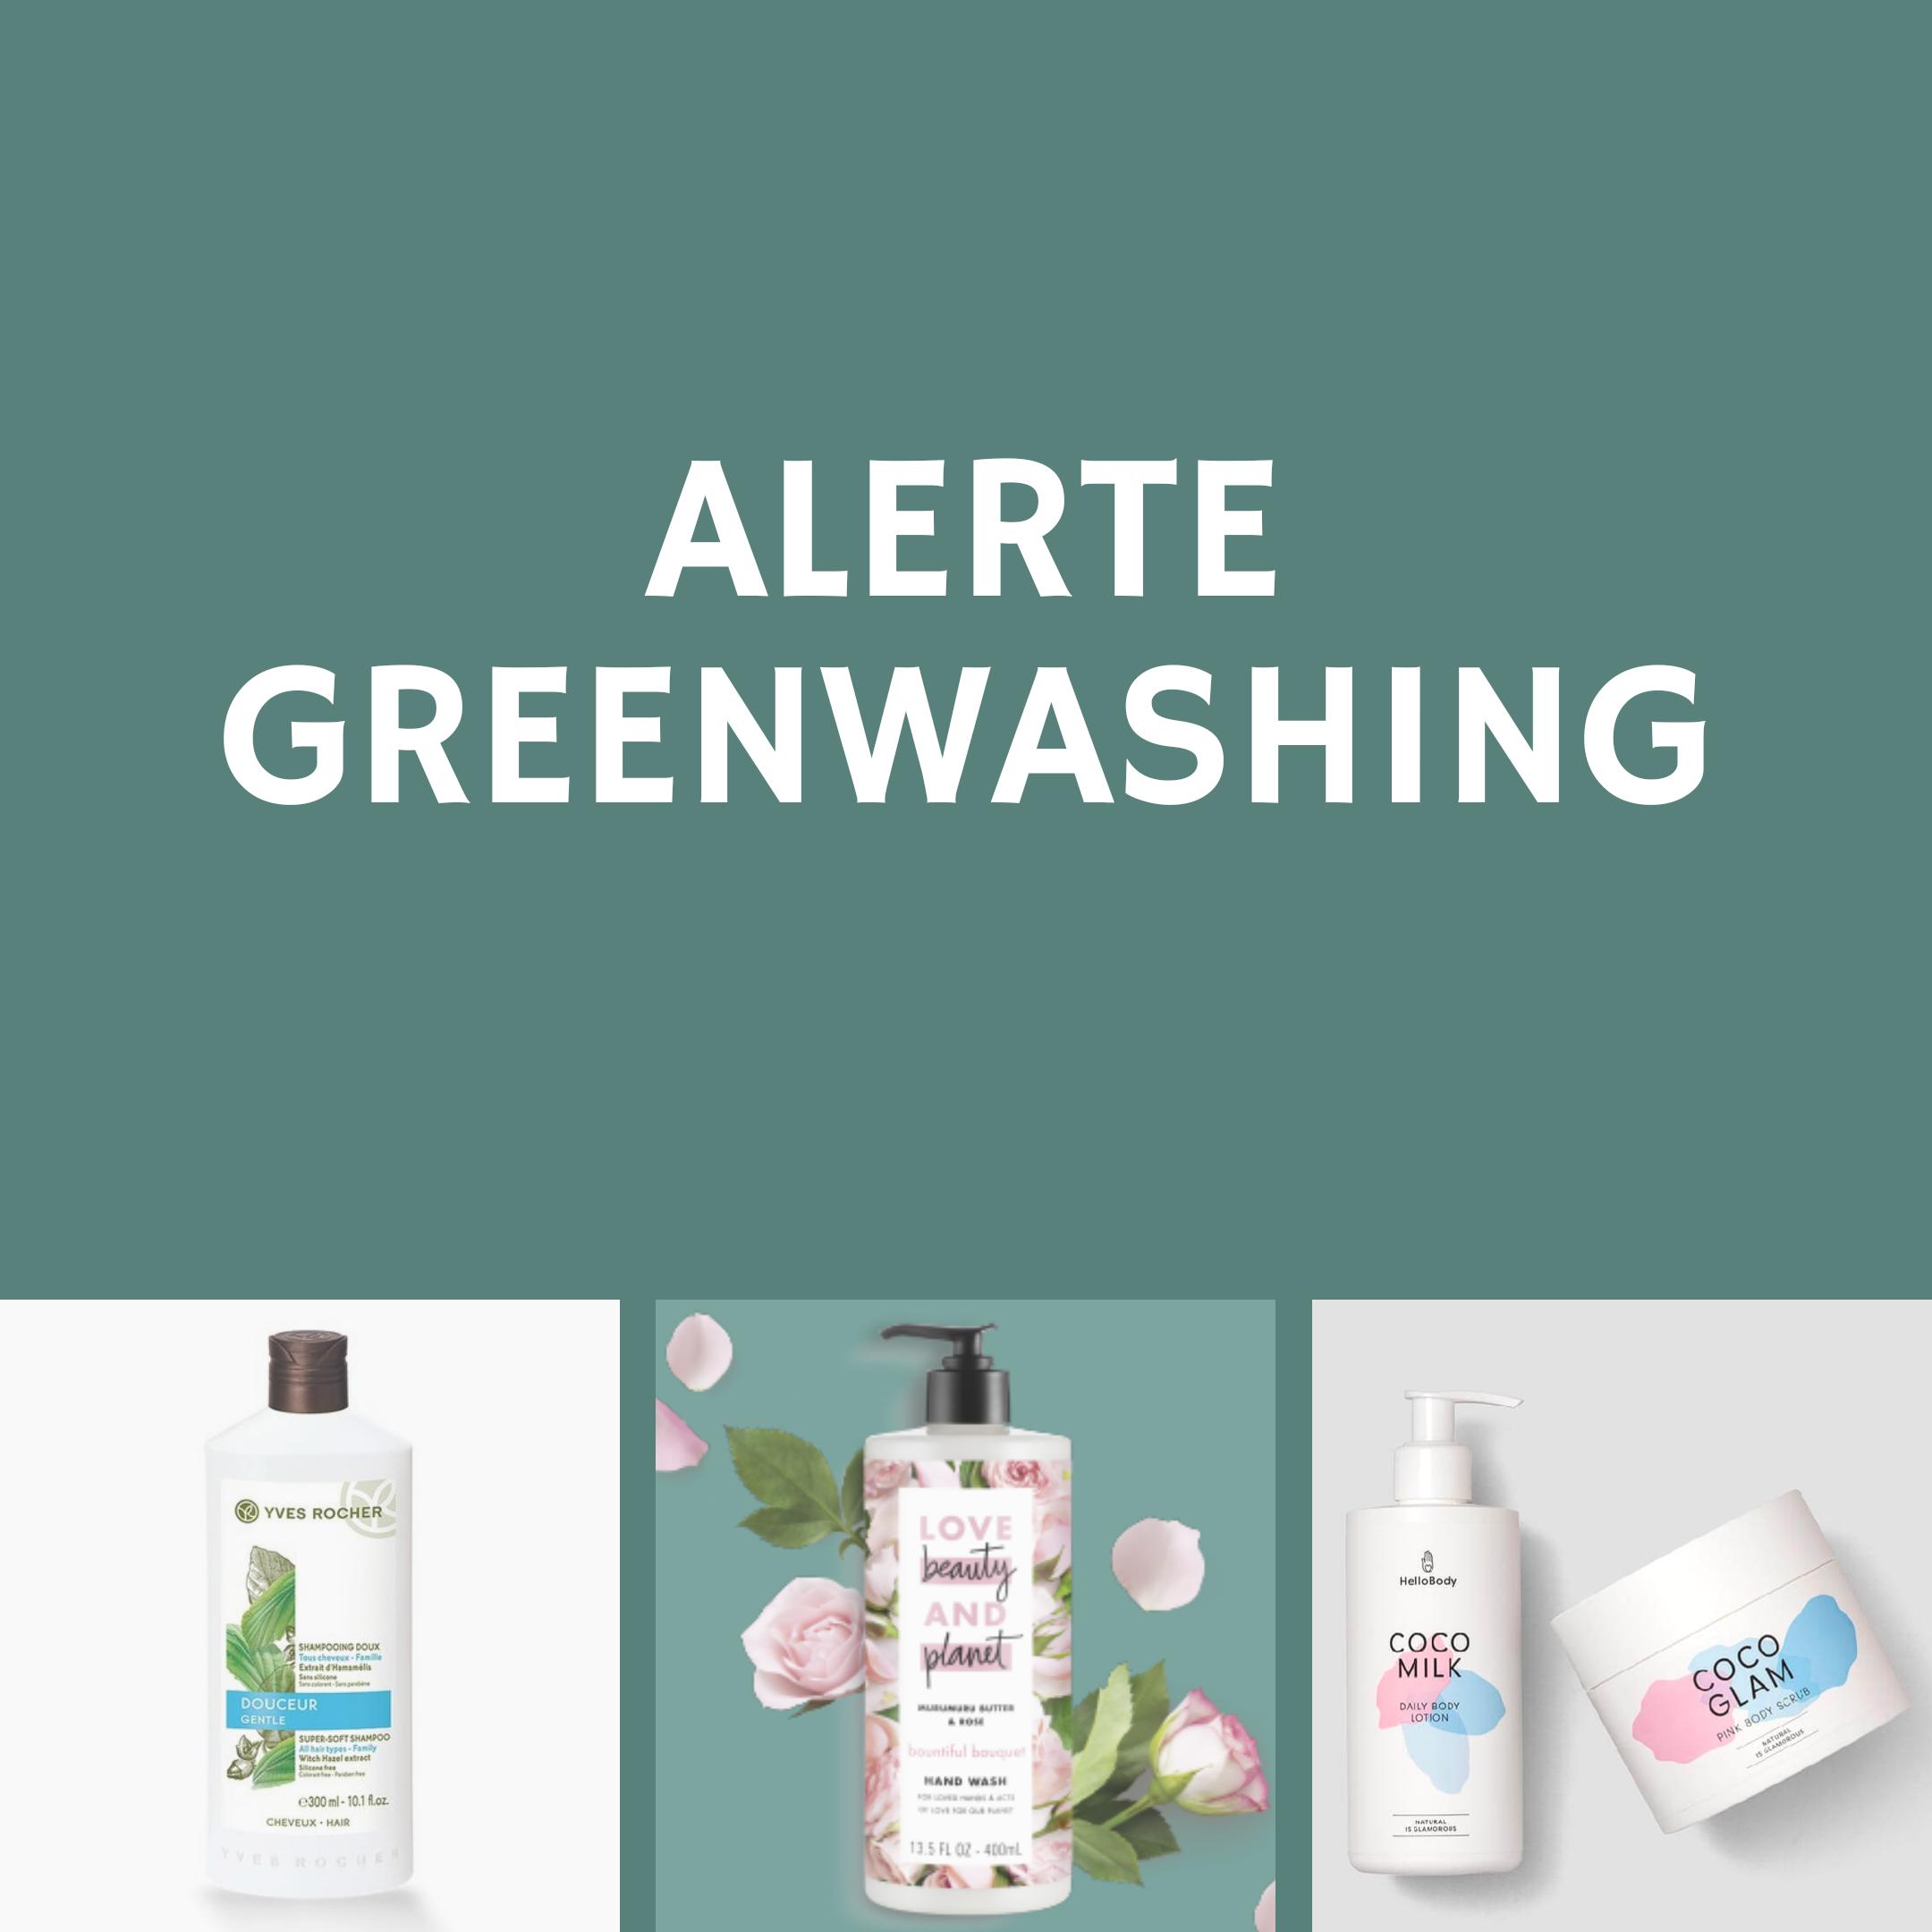 Qu'est-ce que le greenwashing et comment s'en protéger